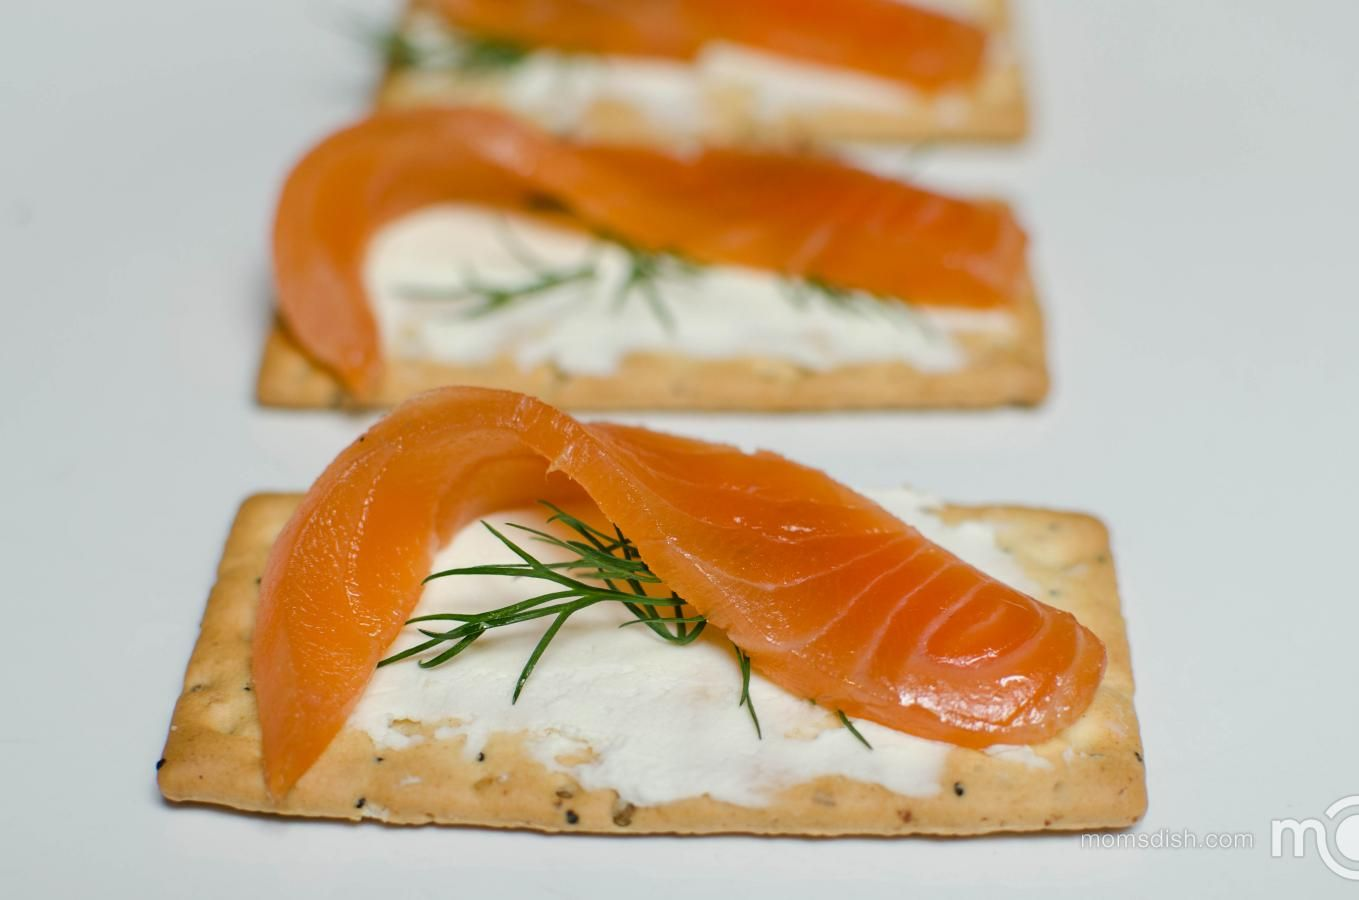 Cold Smoked Salmon Mom S Dish Smoked Salmon Recipes Smoked Salmon Smoked Salmon Recipes Appetizers